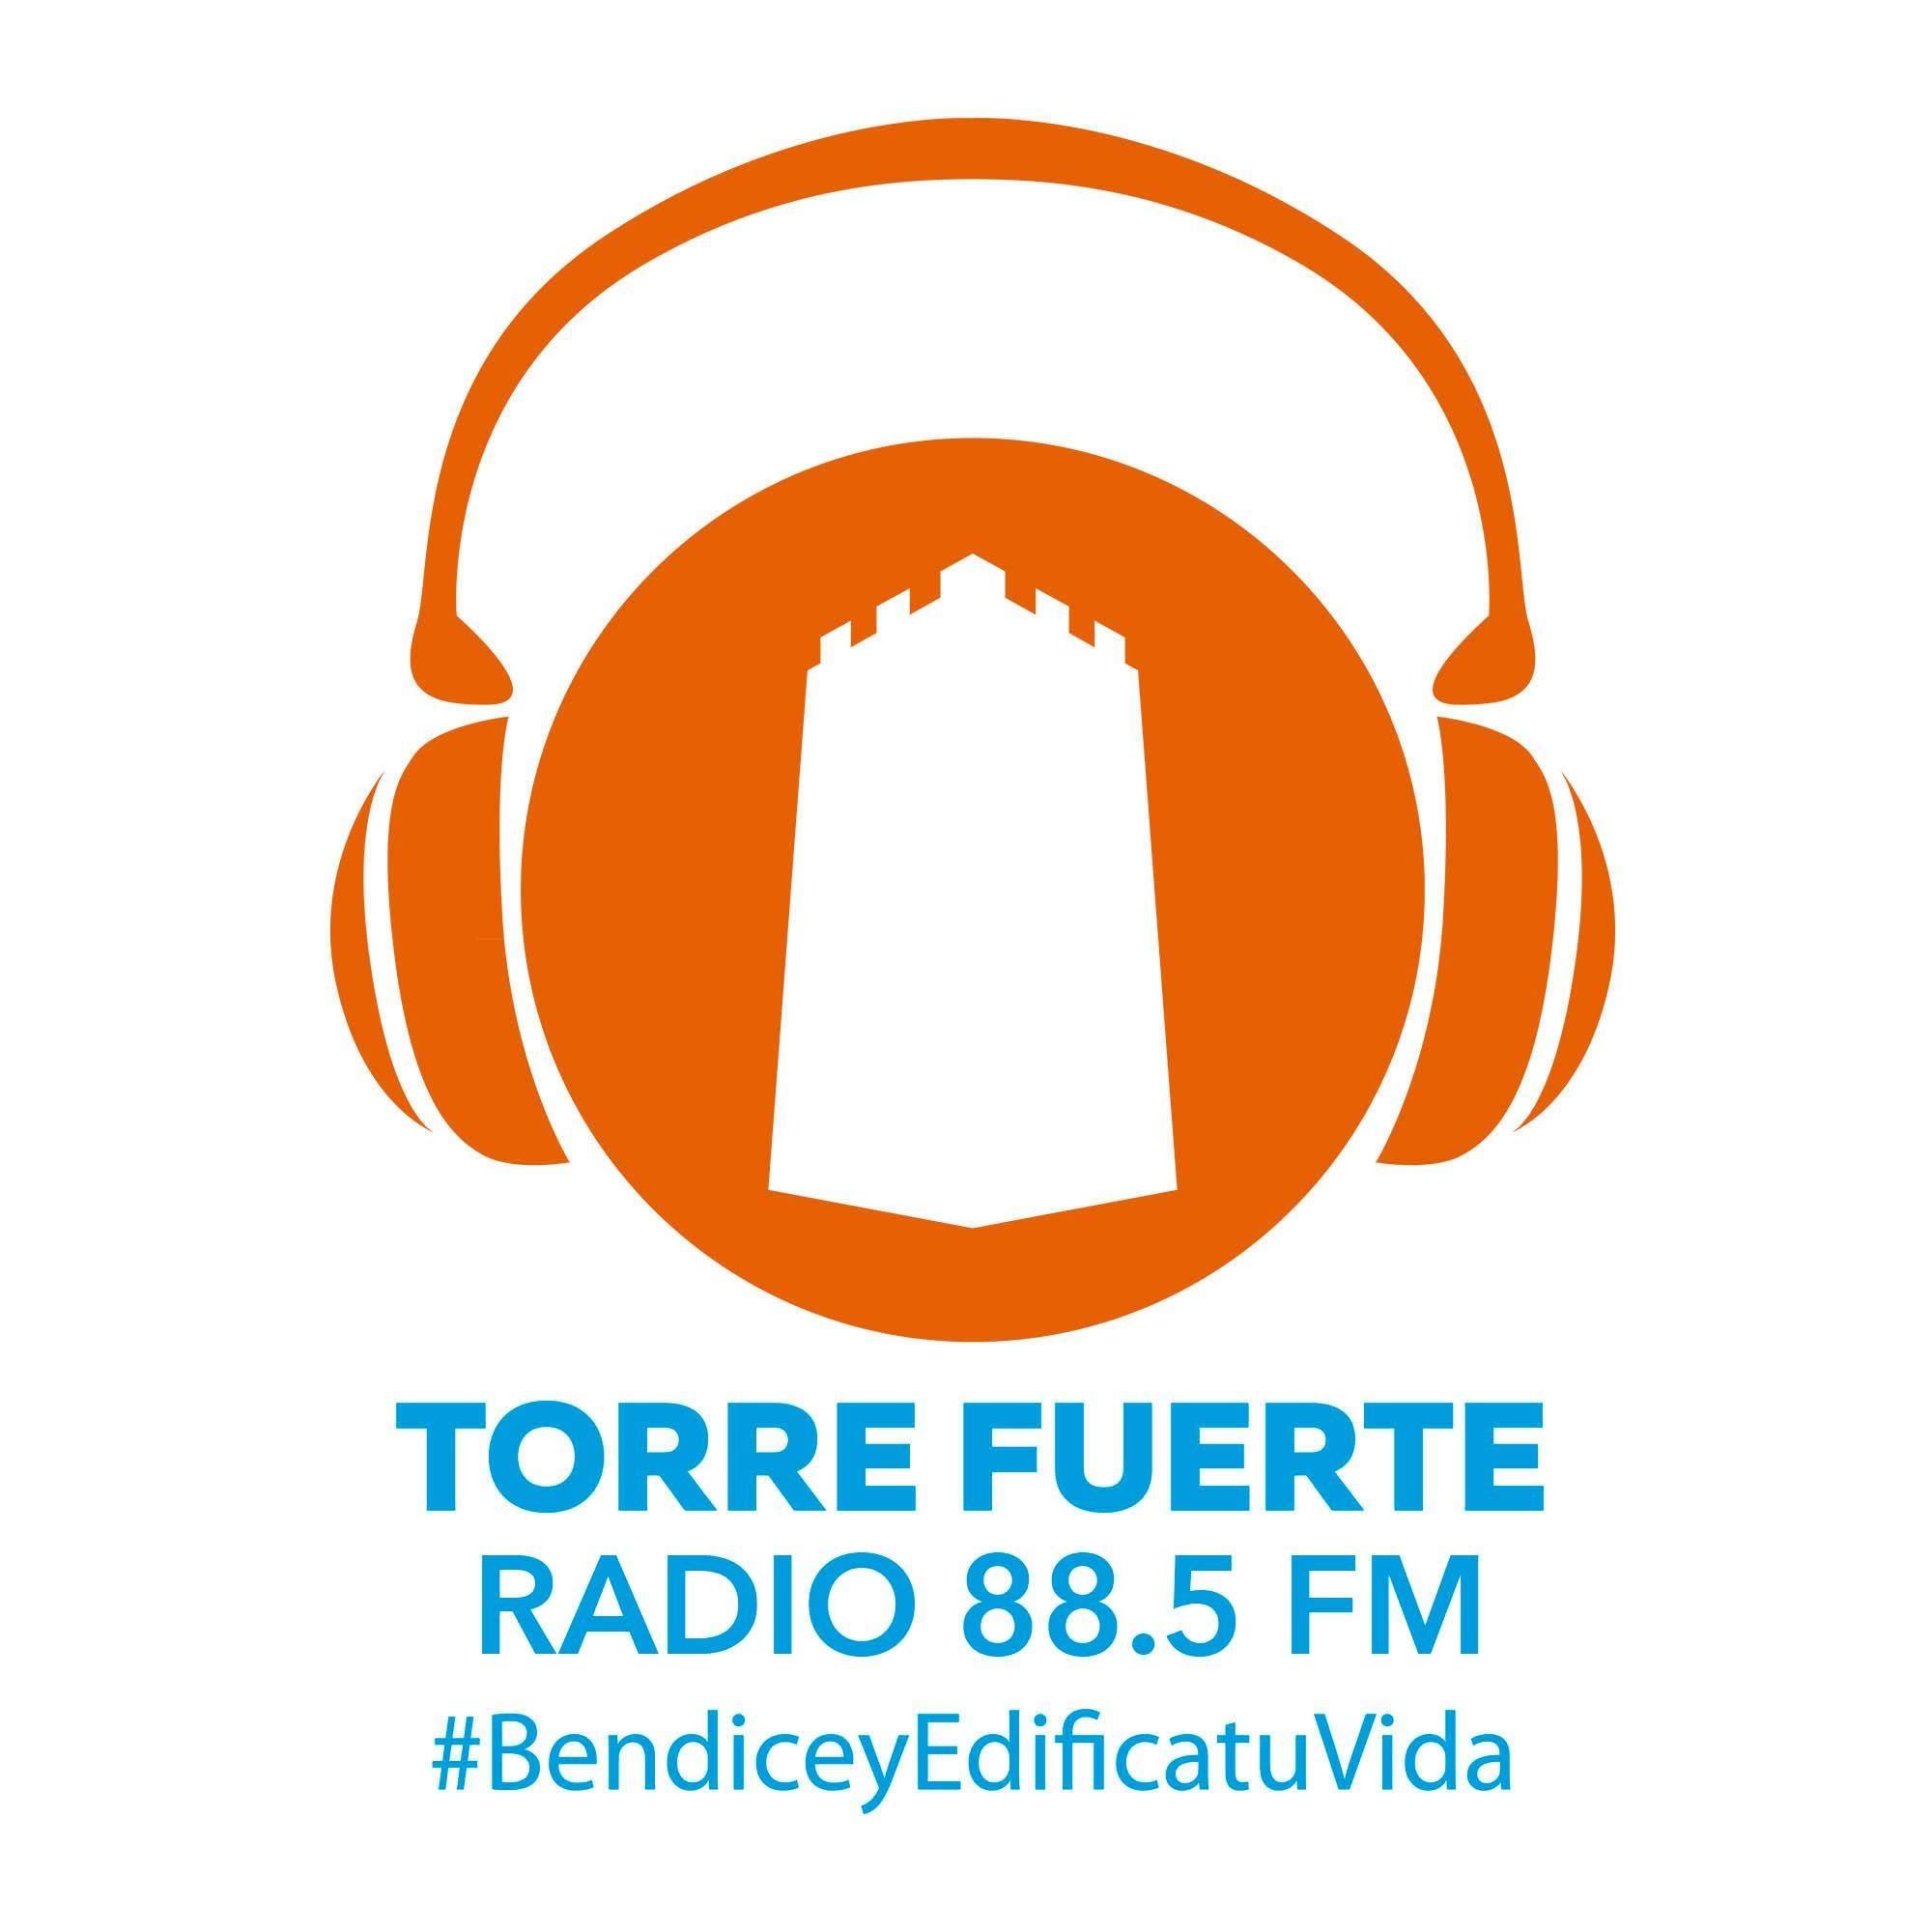 Torre Fuerte Radio - Chiapas